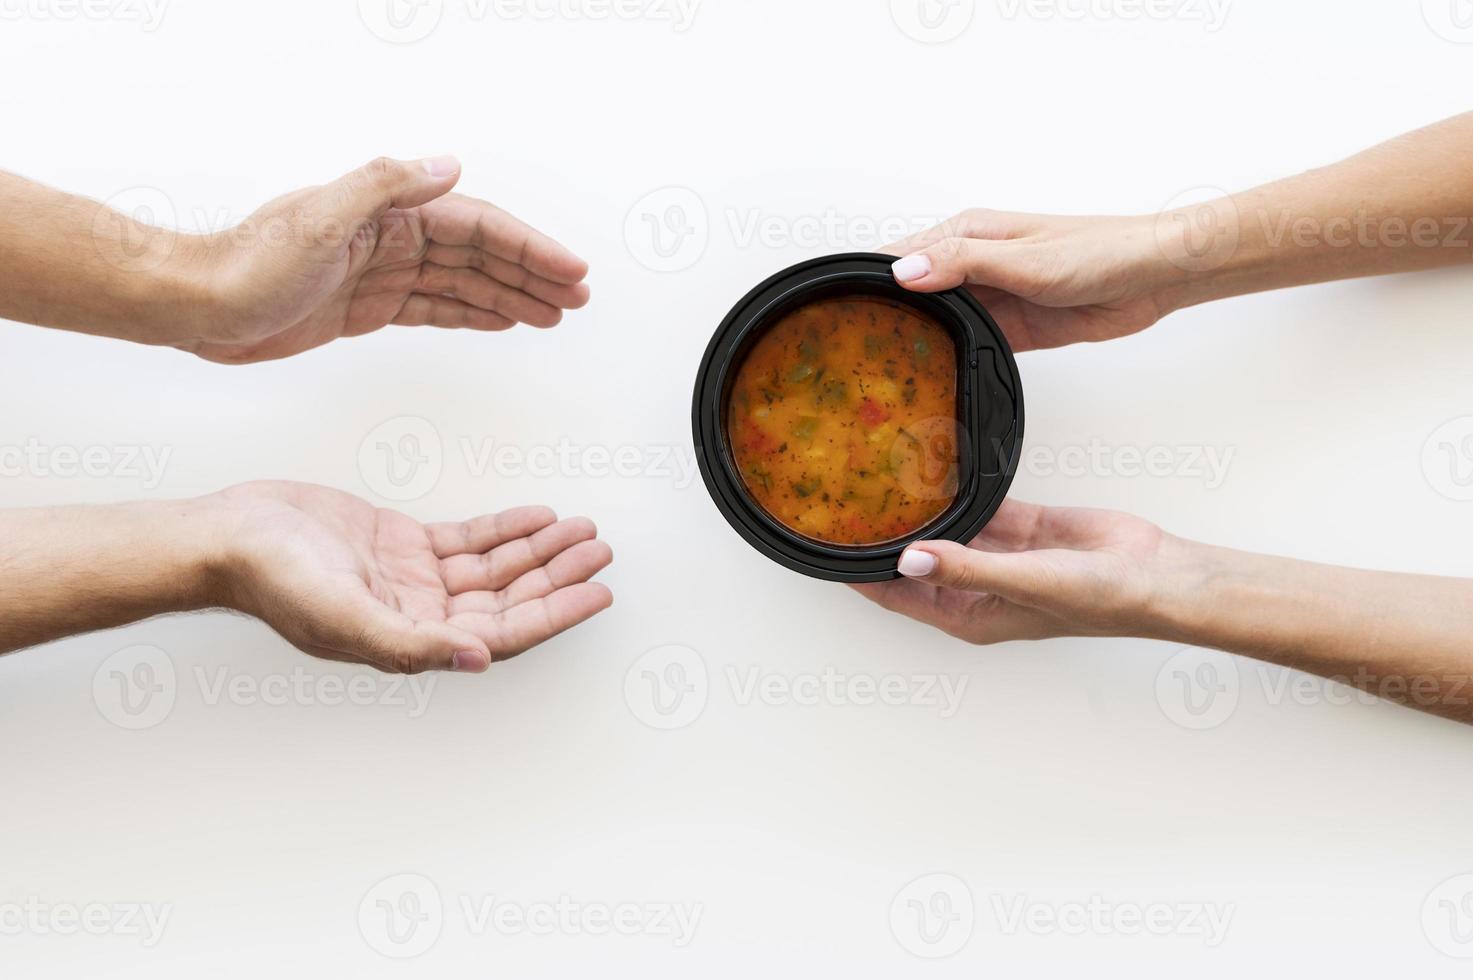 mano che dà una ciotola di zuppa a una persona bisognosa foto